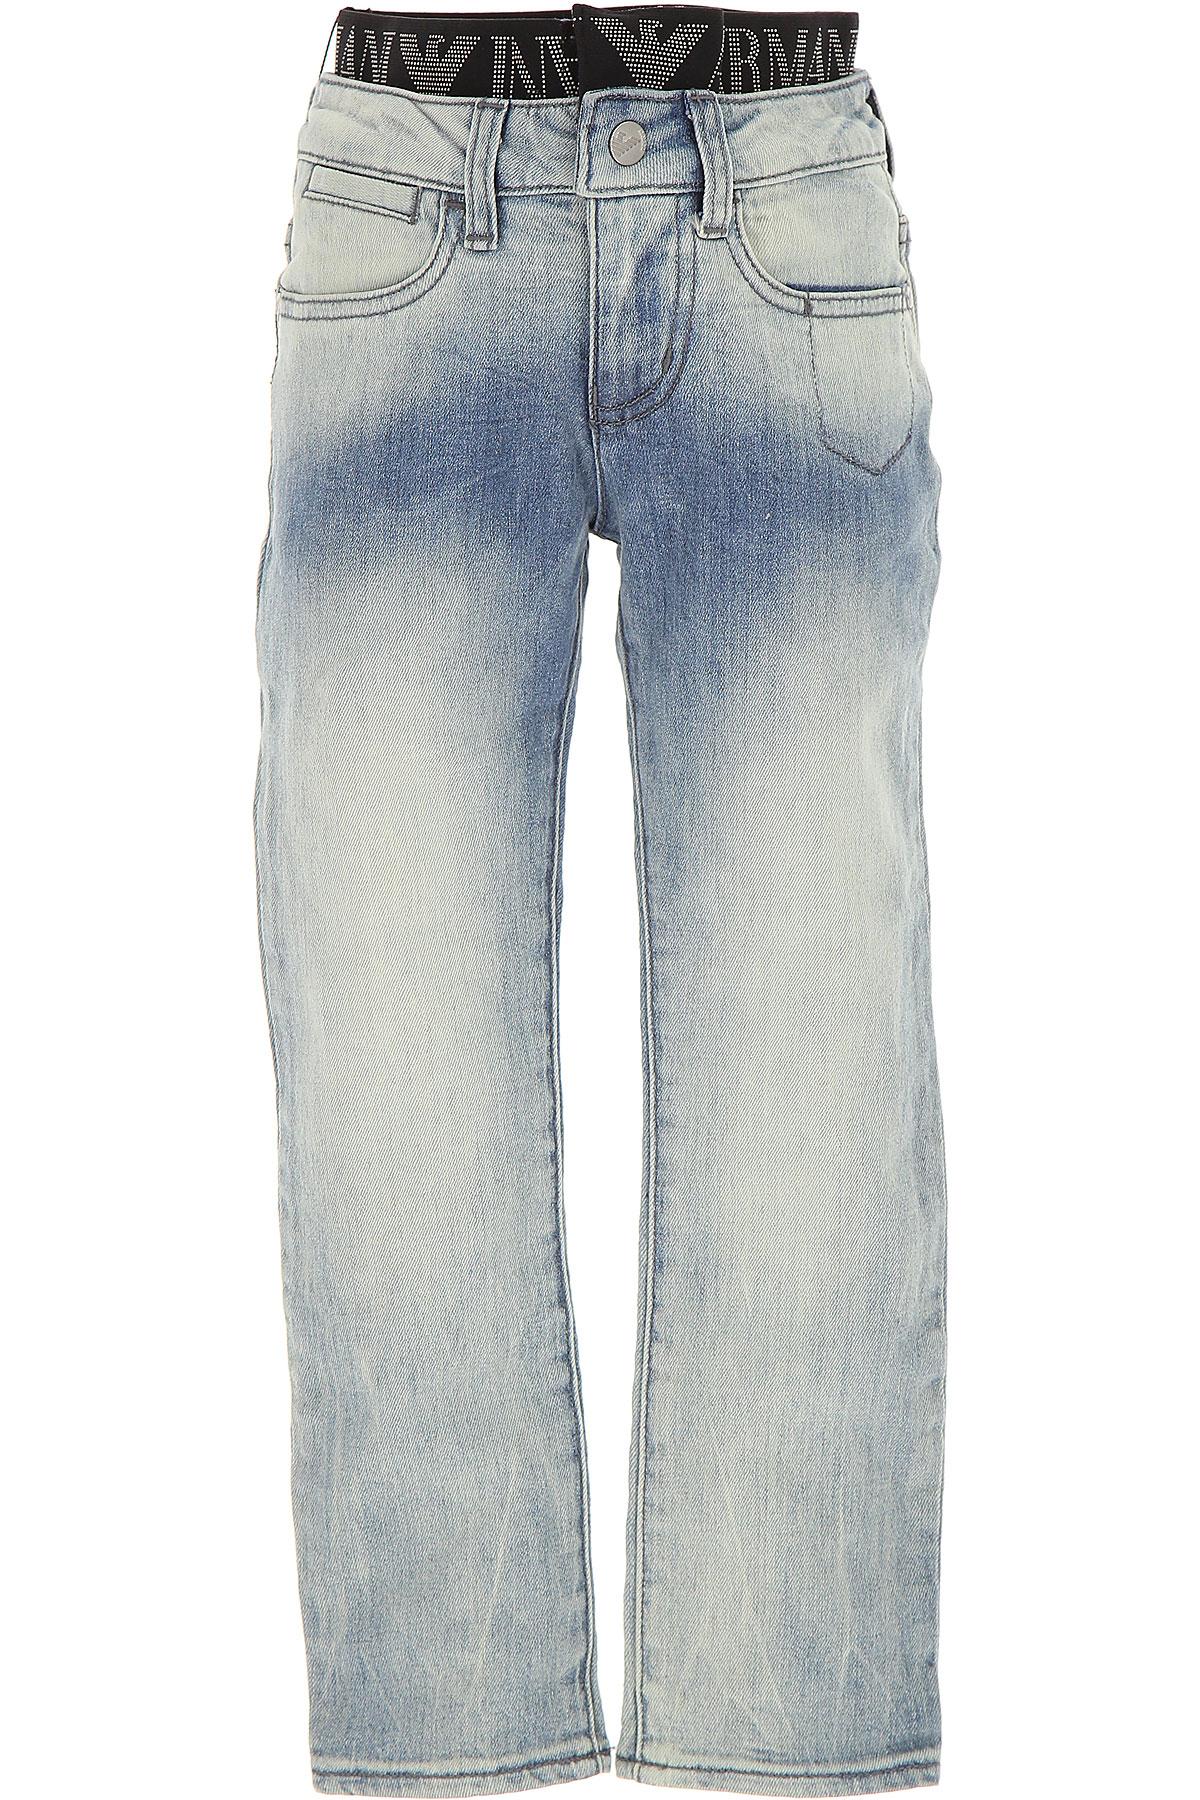 Emporio Armani Kids Jeans for Boys On Sale in Outlet, Denim, Cotton, 2017, 13Y 14Y 15Y 4Y 5Y 8Y